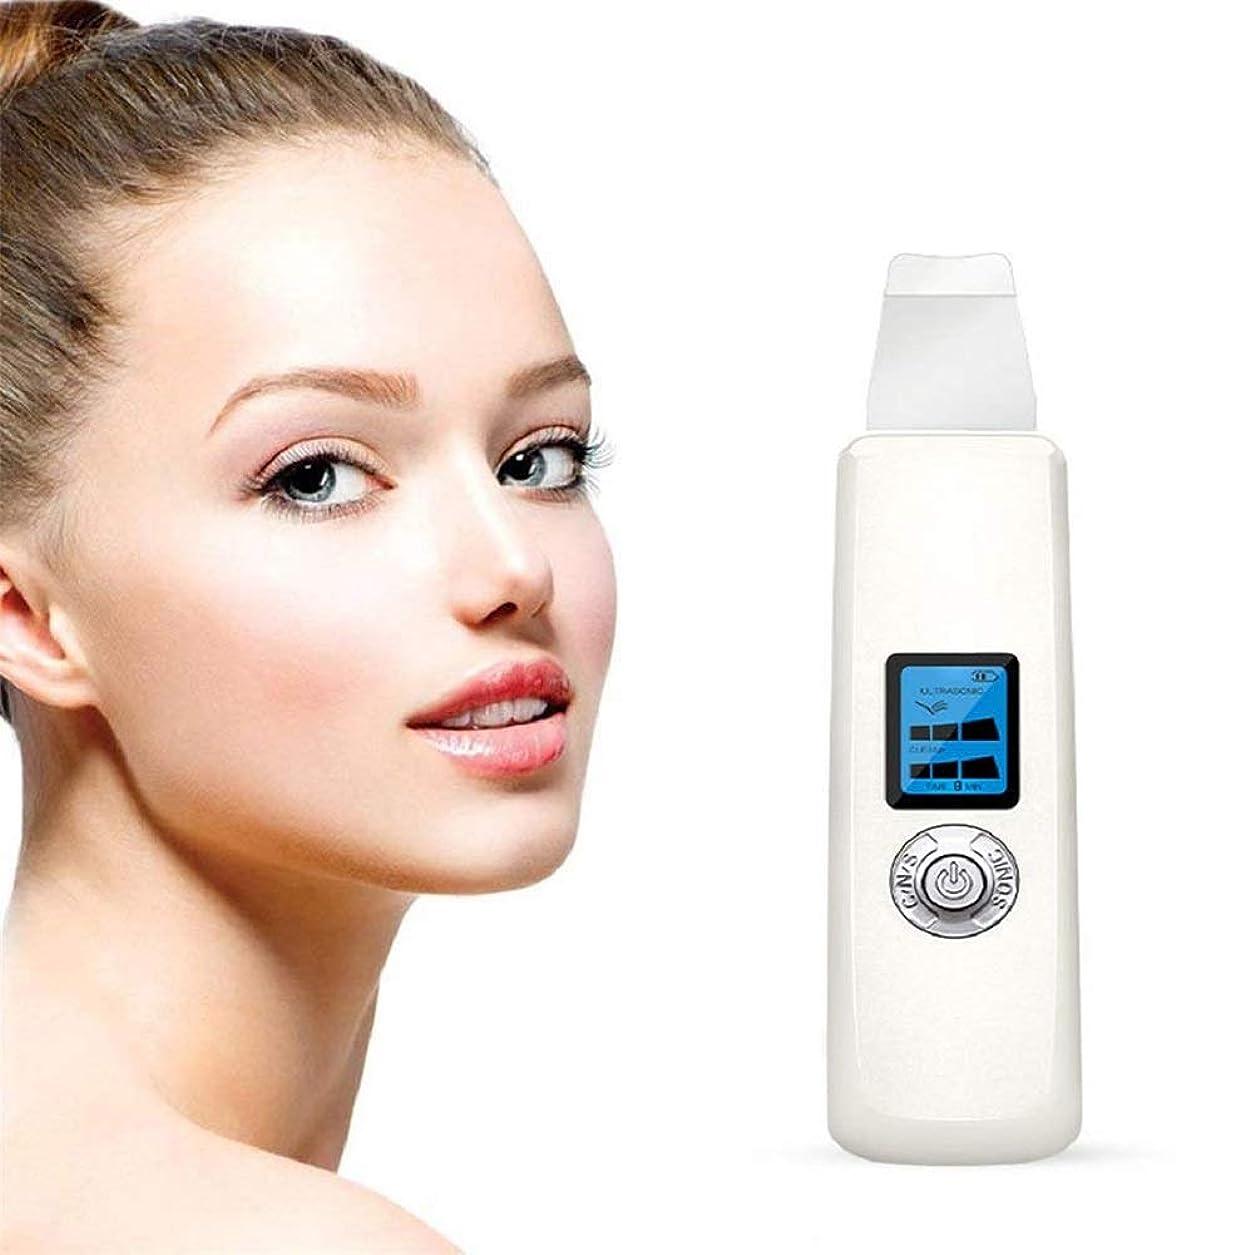 不十分なキャビンアルバニーハンドヘルド美容機器、美容機器フェイシャルスキンピールダーマブレーション、肌の若返り防止アンチエイジングデバイス肌へら